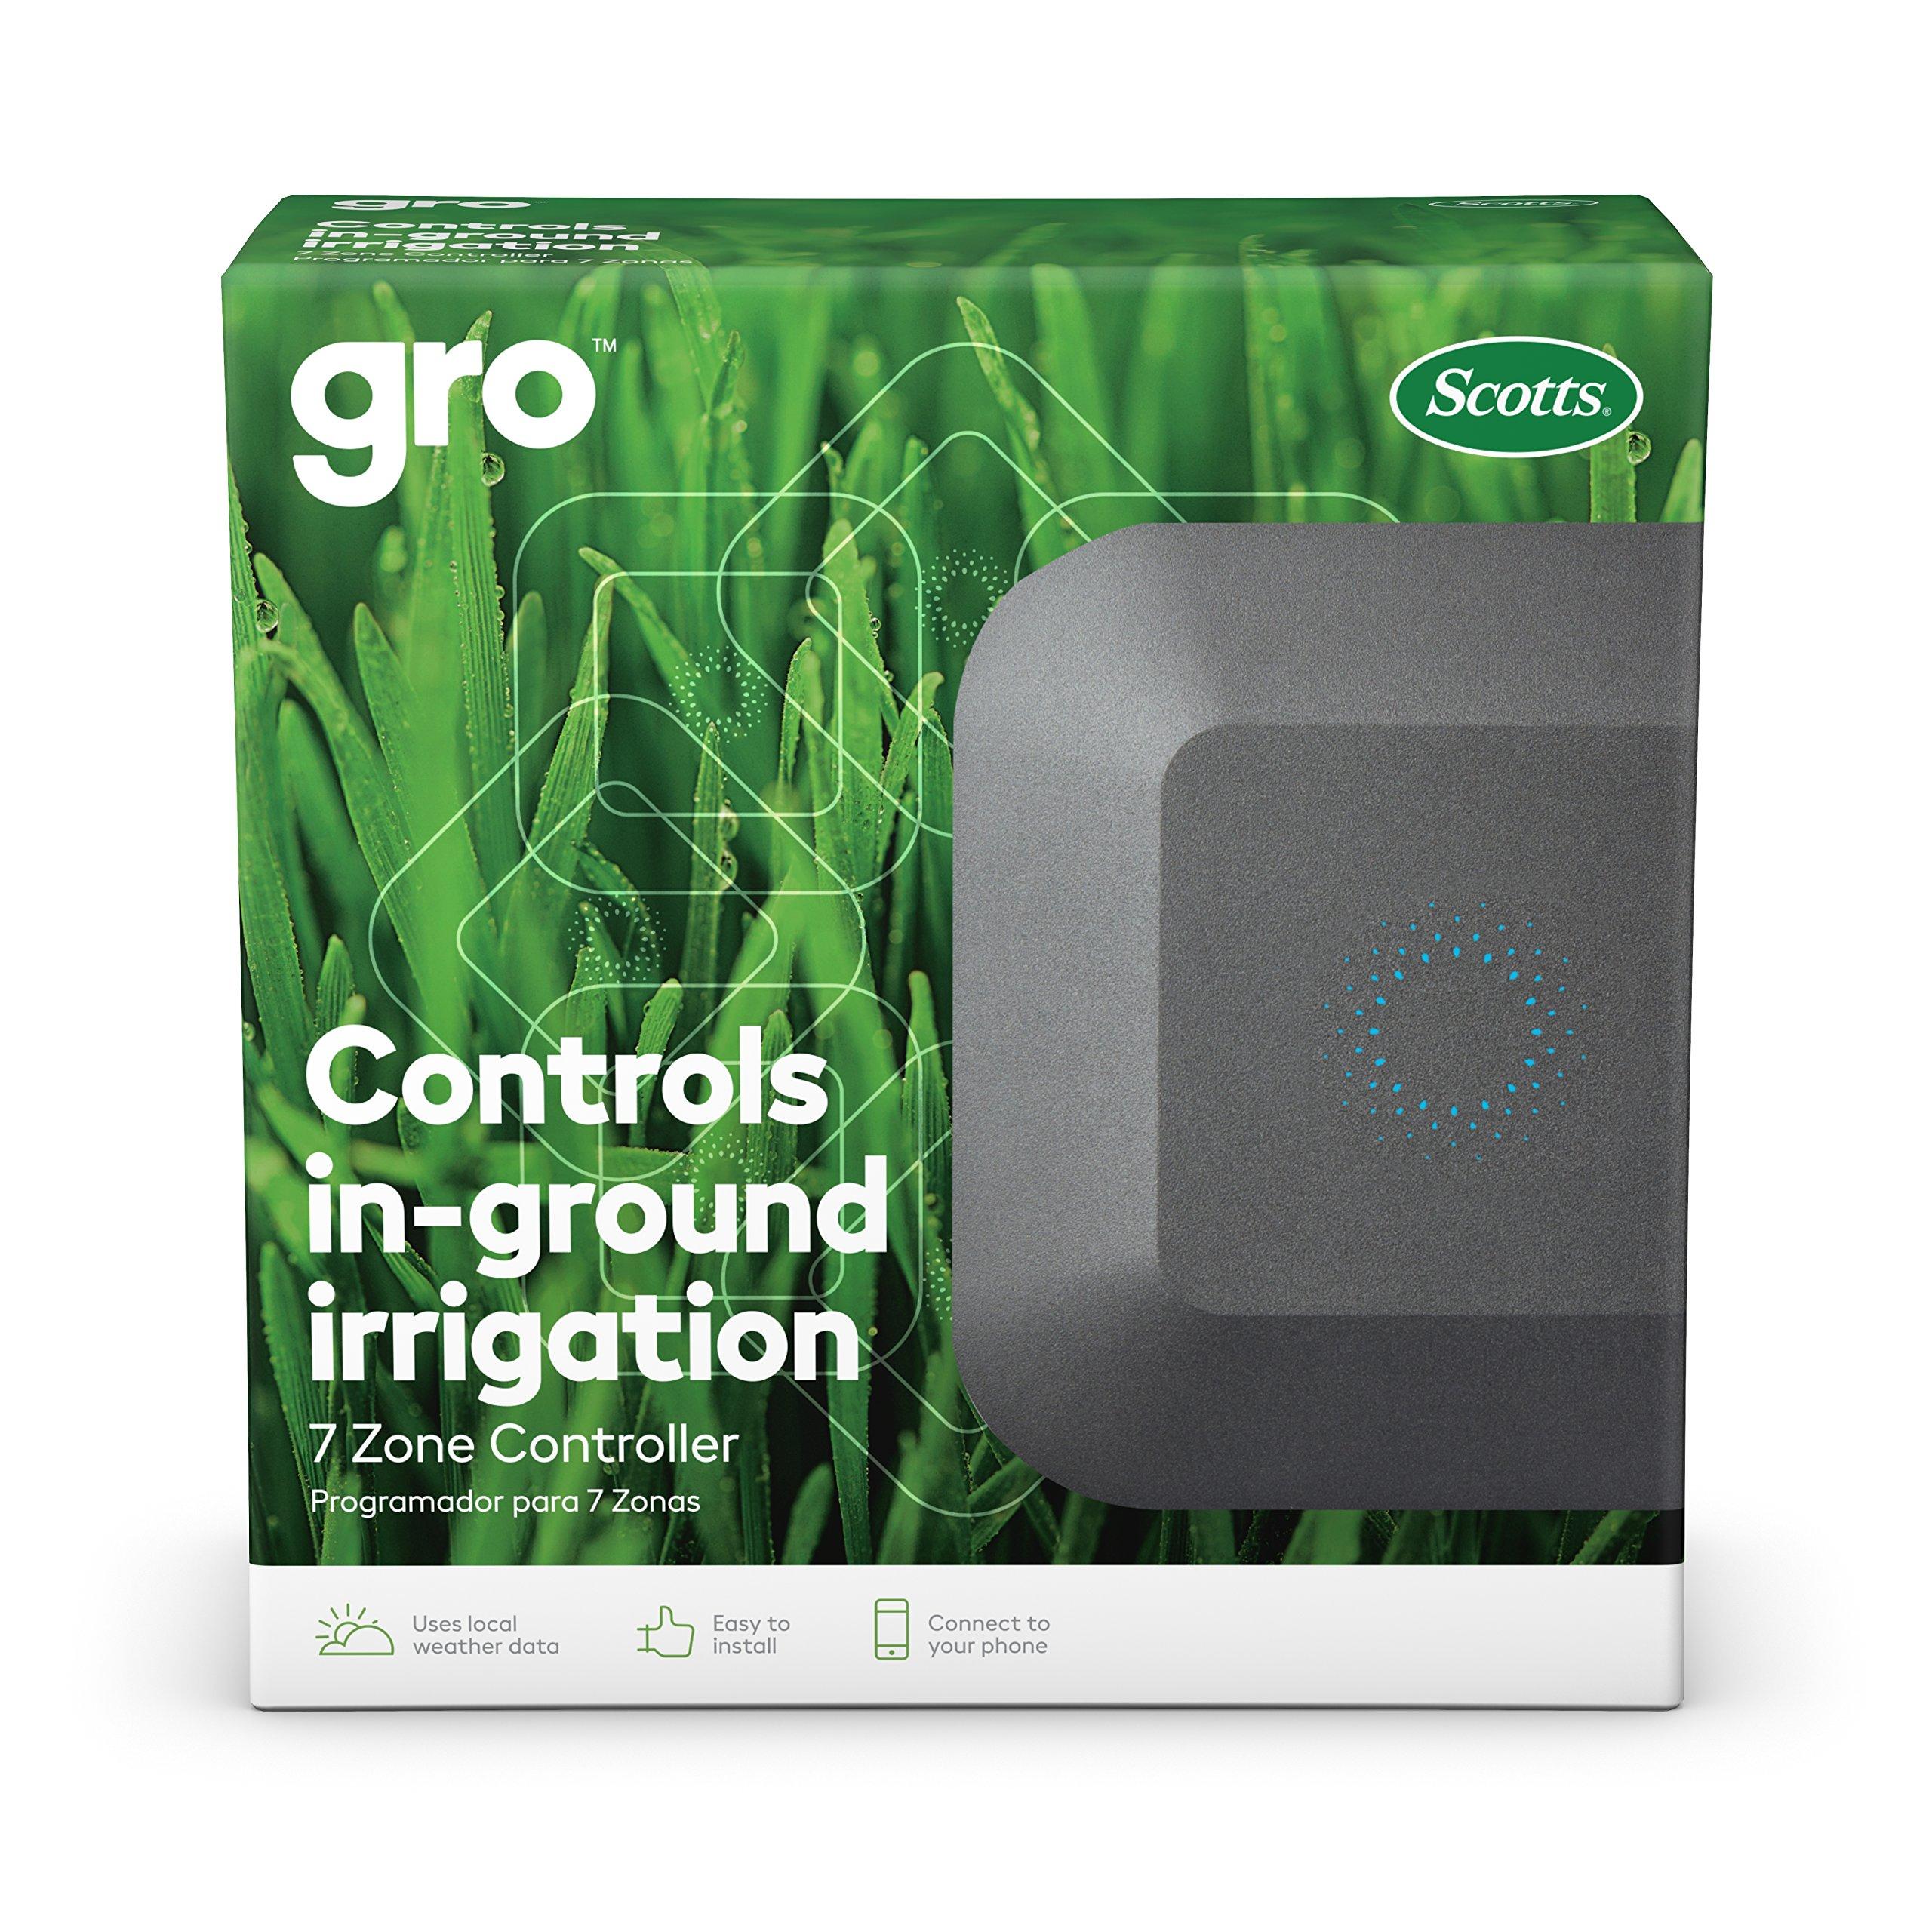 Scotts 70001 Gro 7 Zone Controller